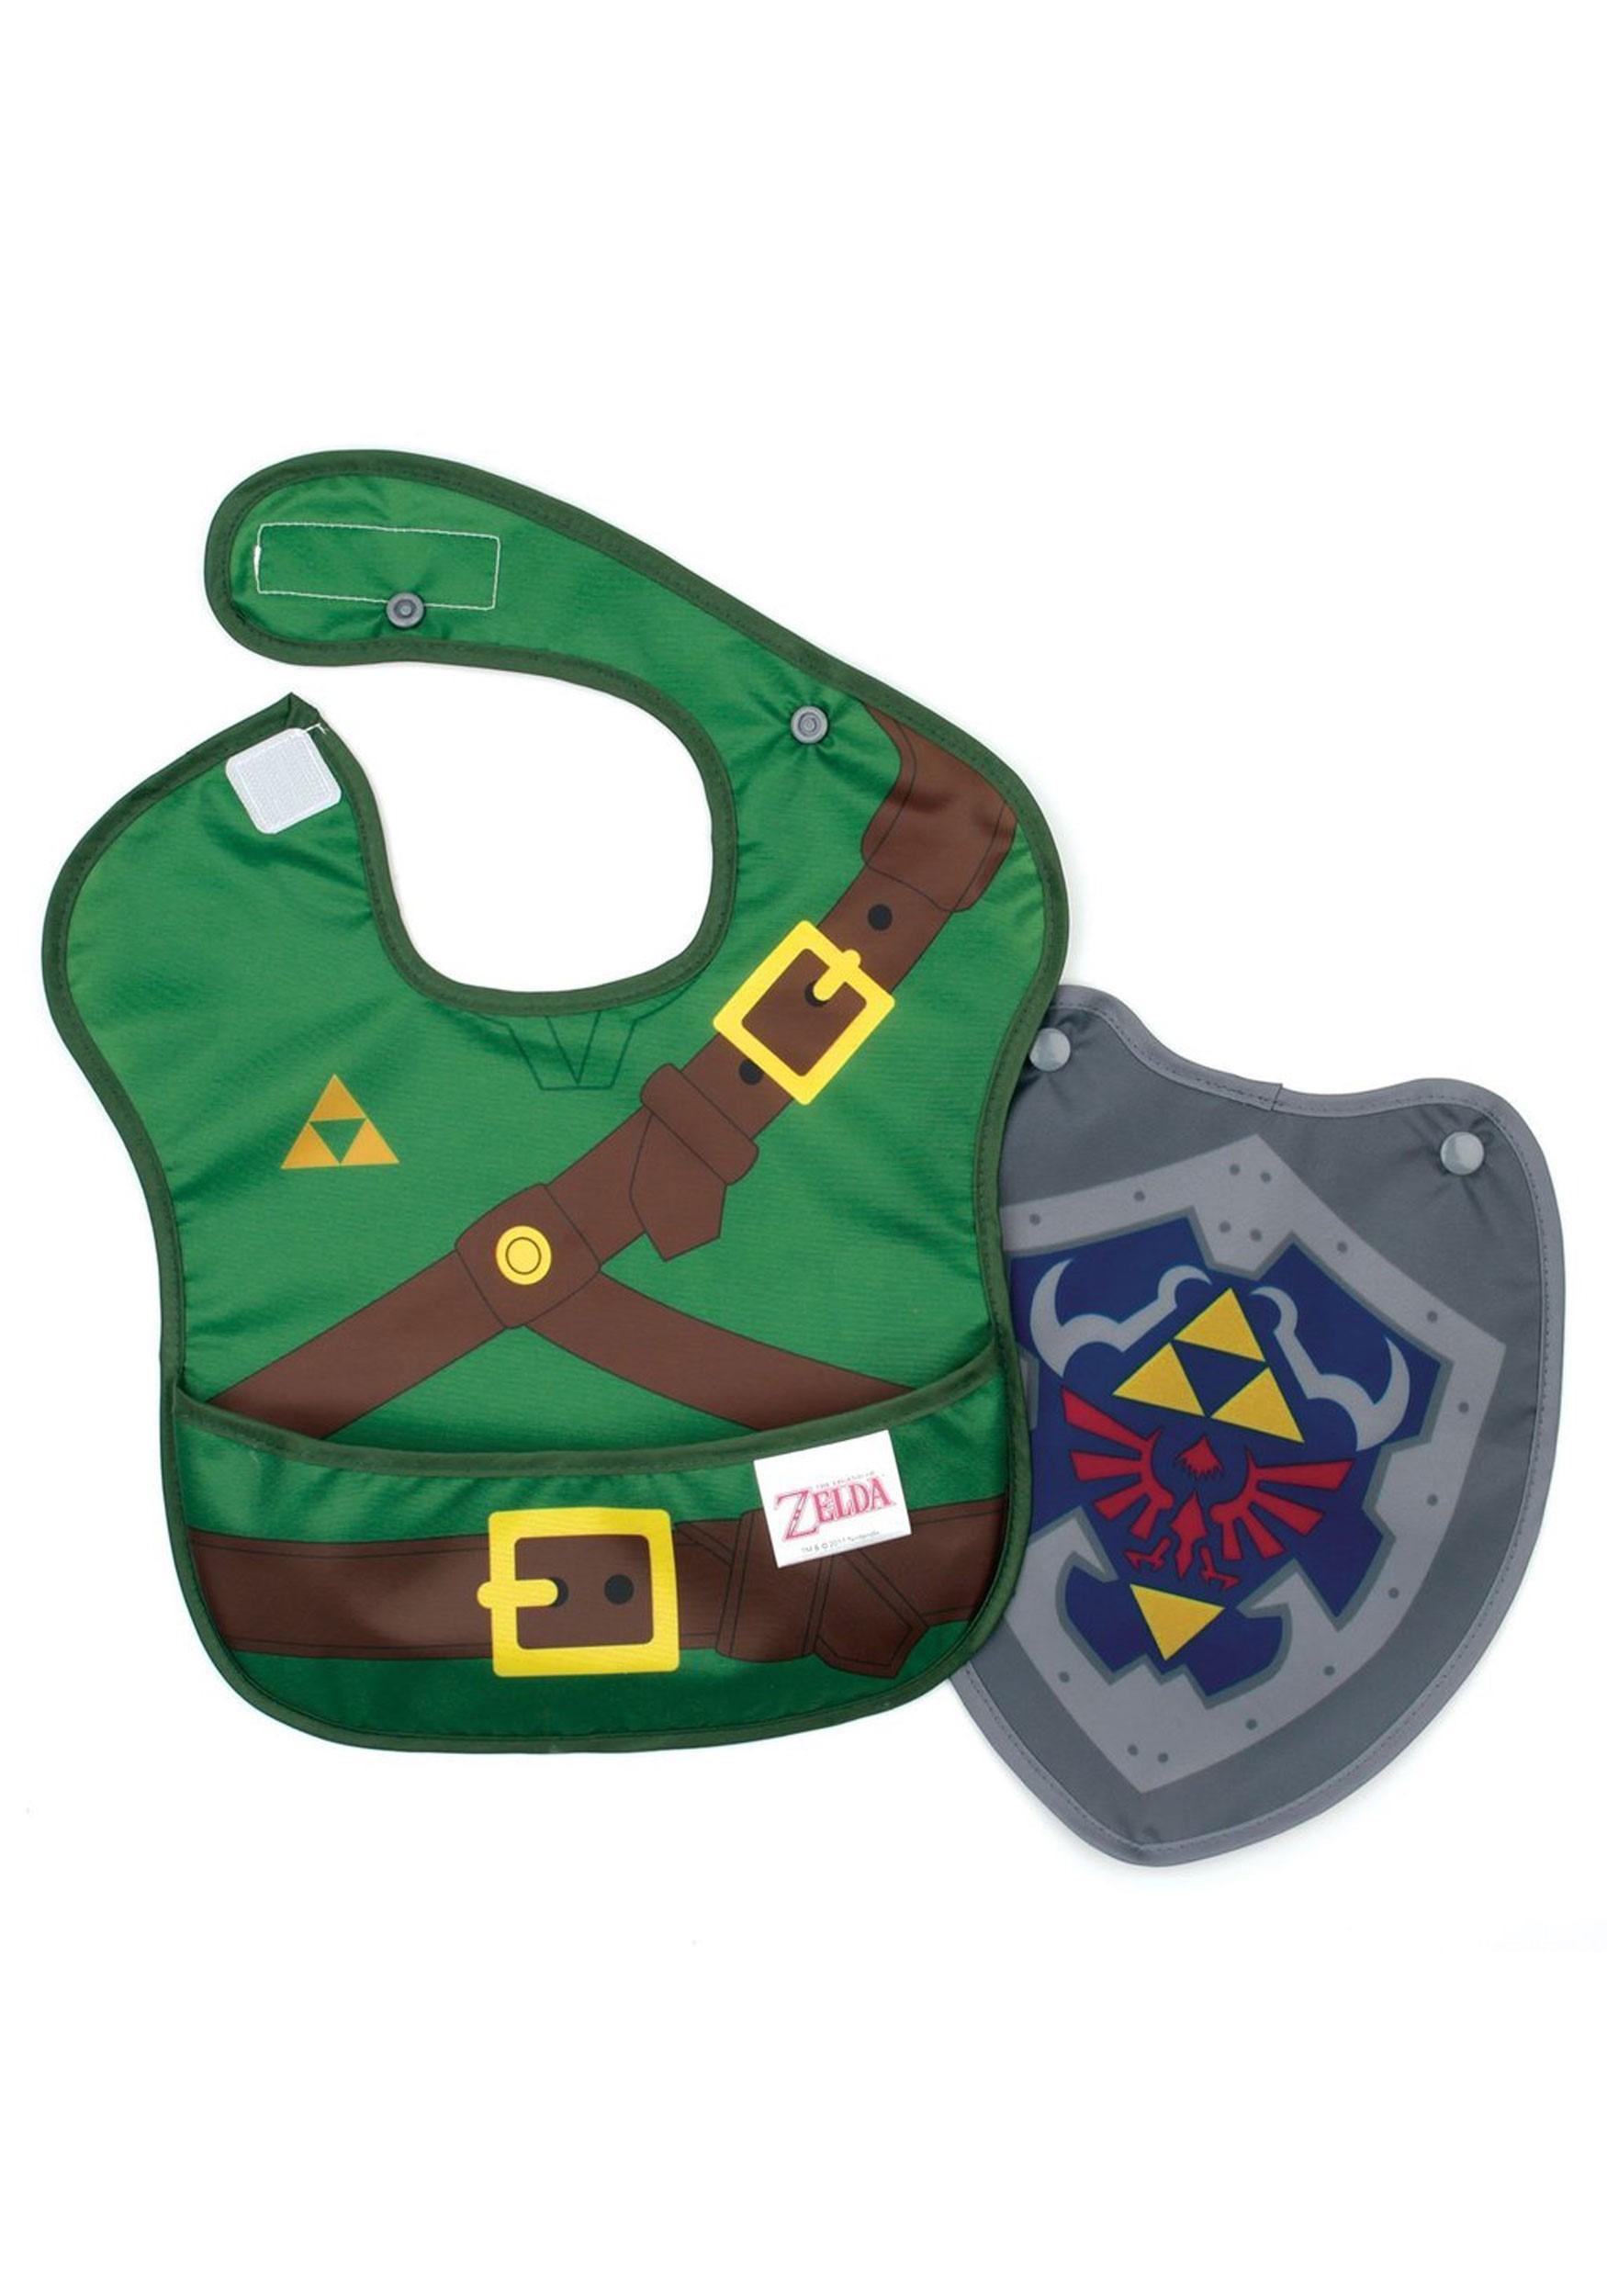 Nintendo Legend of Zelda Link SuperBib with Cape (6-24 months)